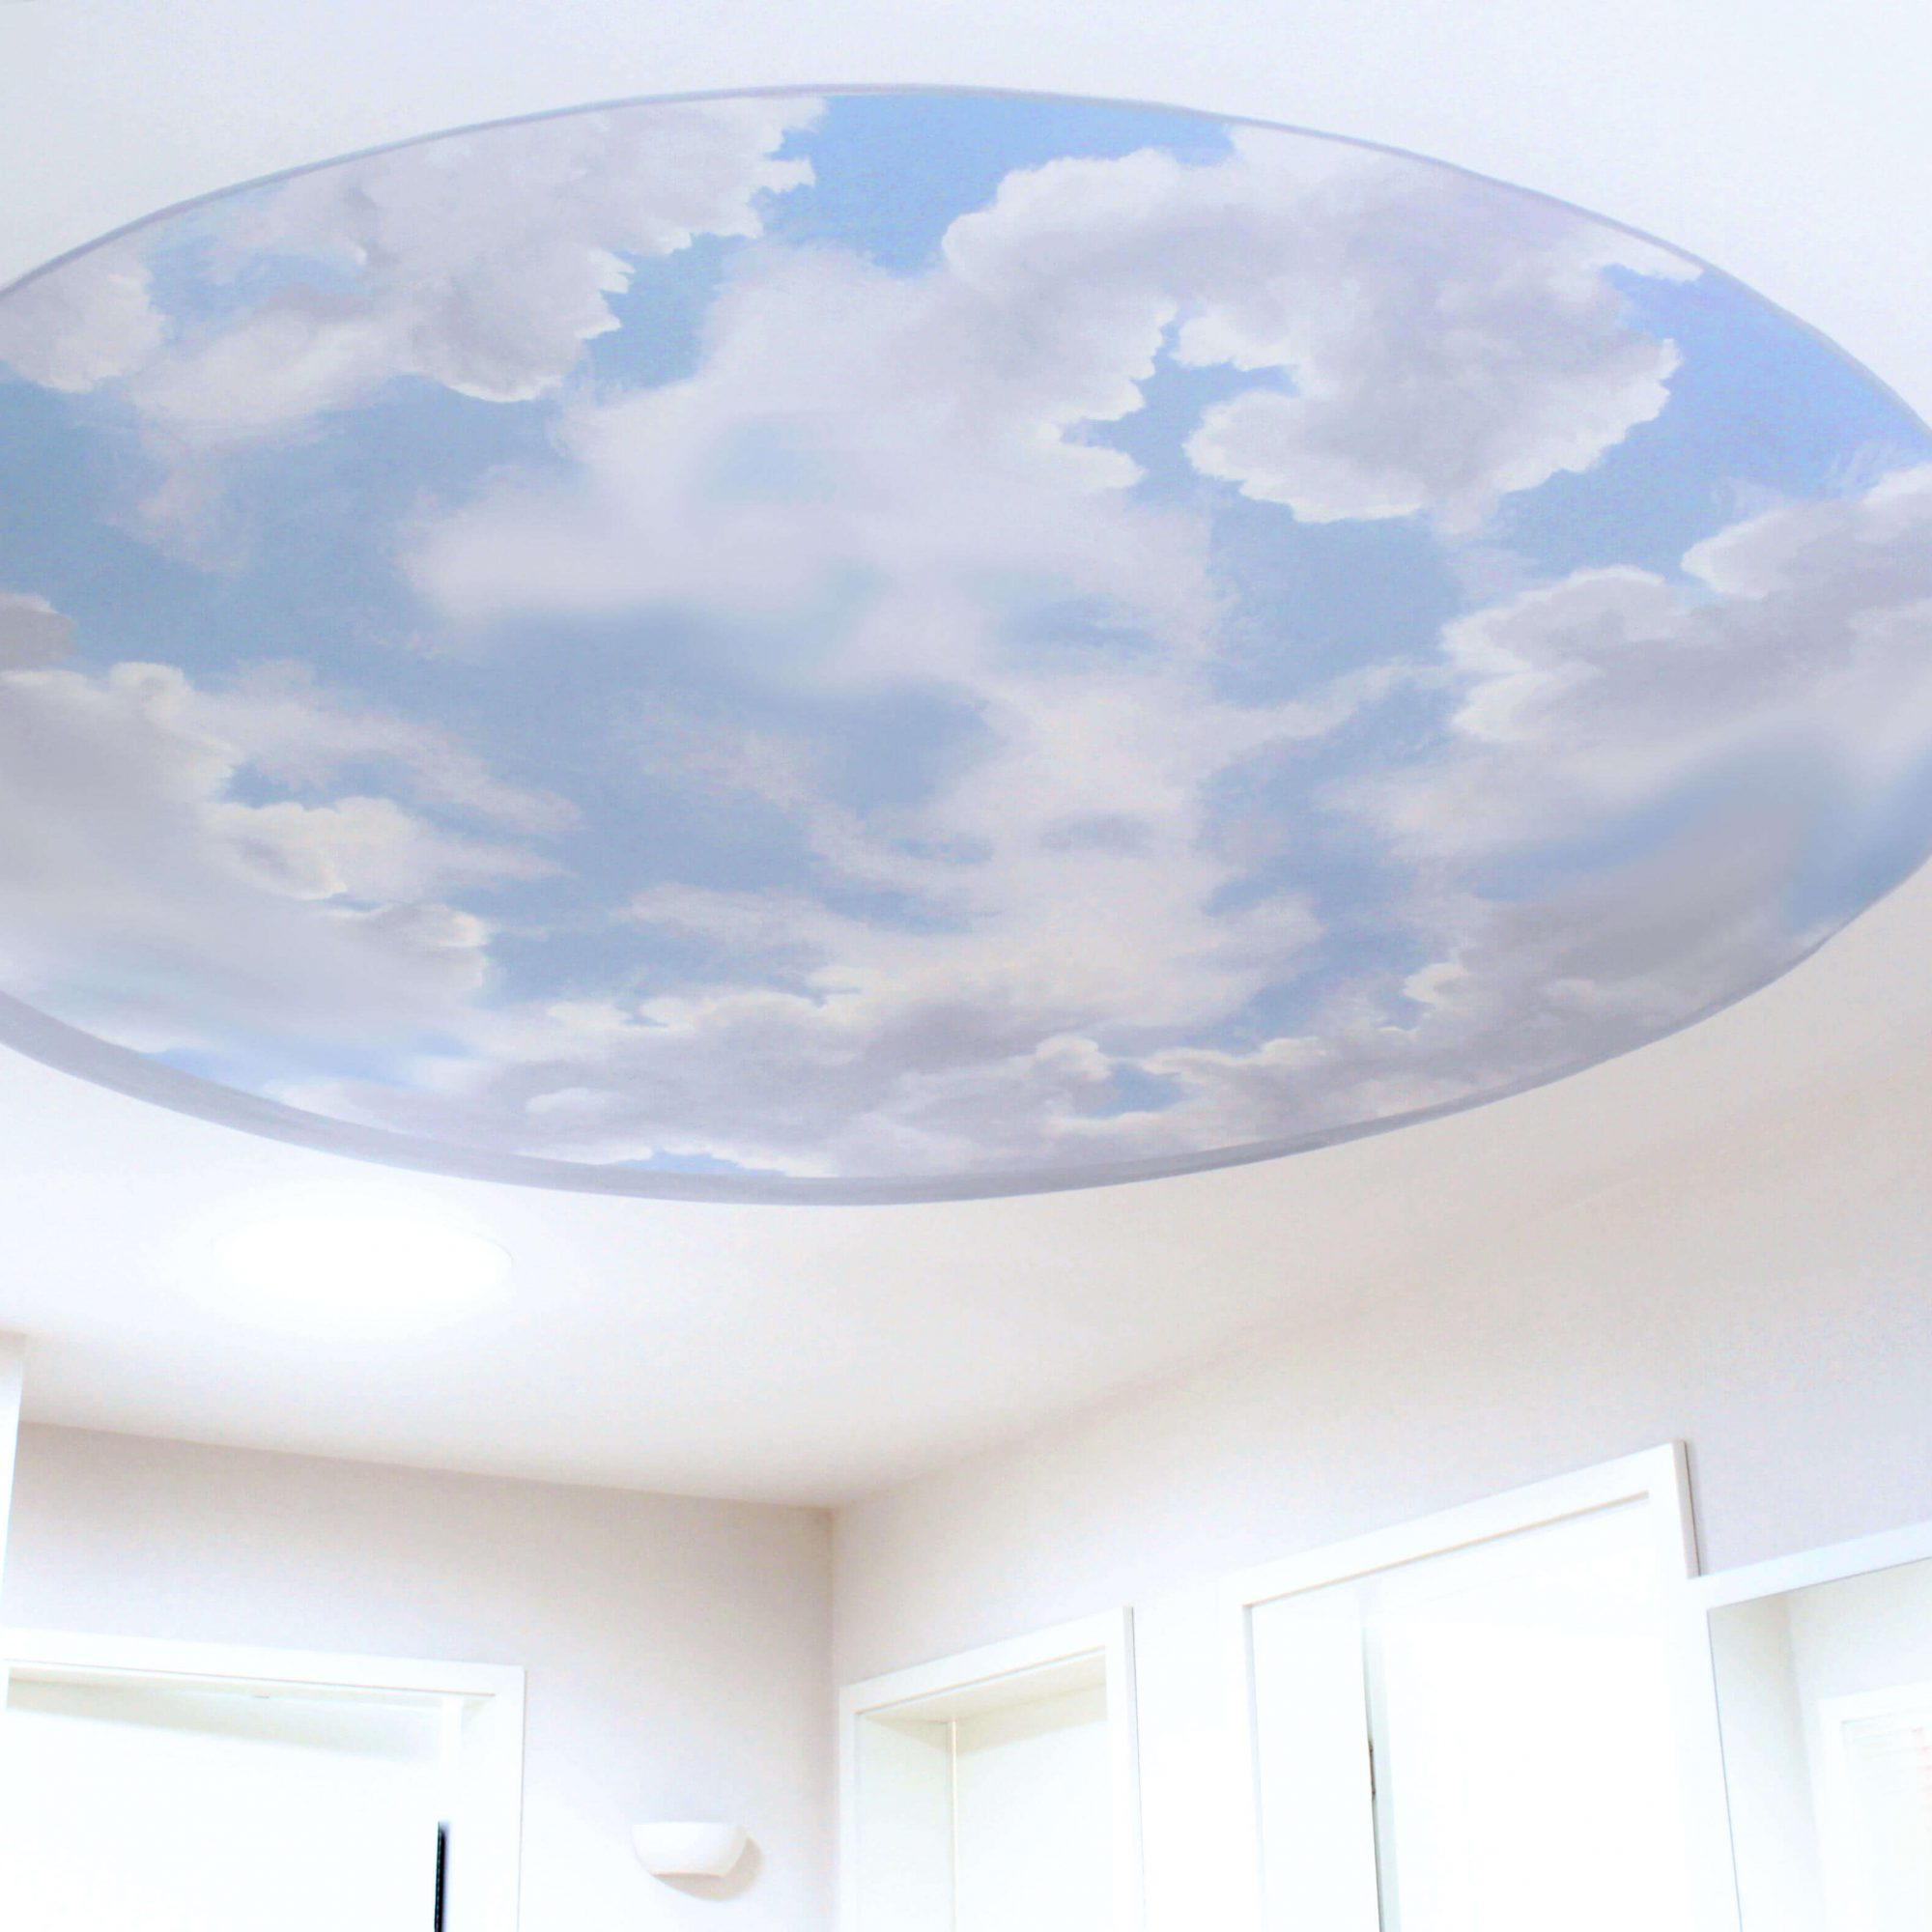 Himmel Bemalung an der Zimmerdecke